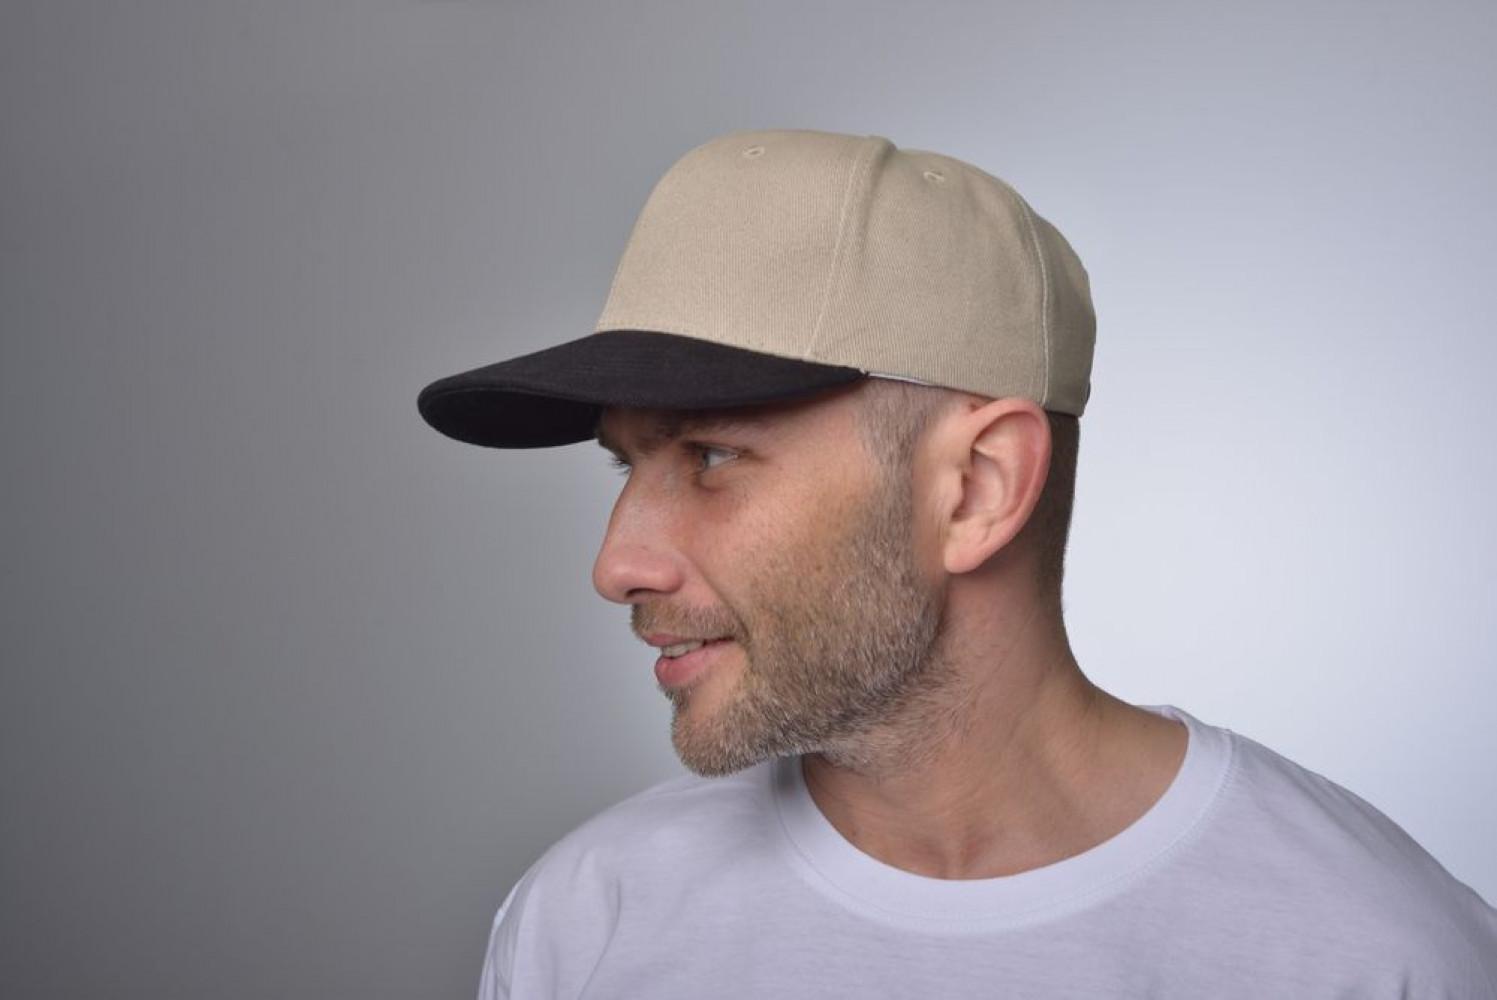 кепка на голове